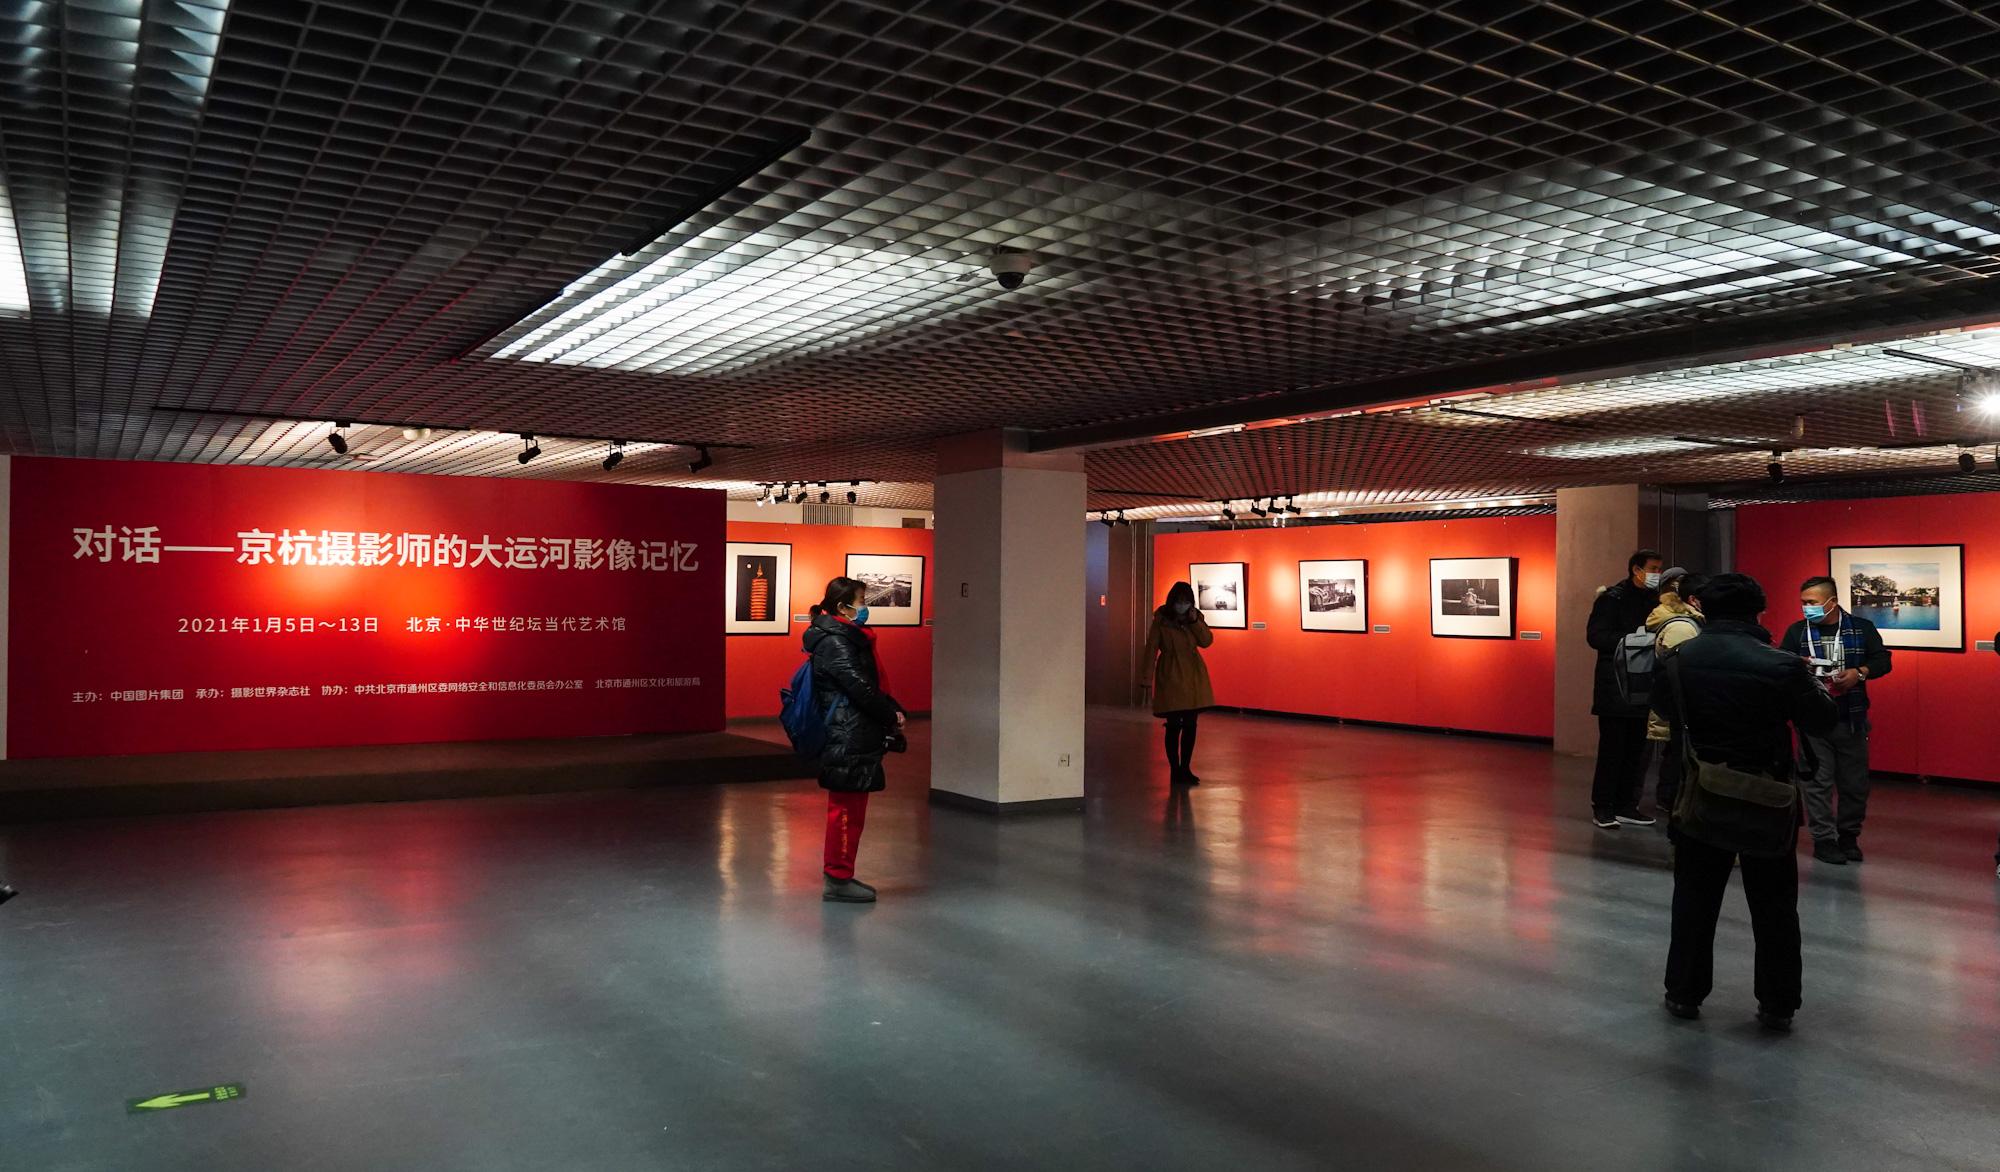 """""""對話——京杭攝影師的大運河影像記憶"""" 拉開帷幕"""